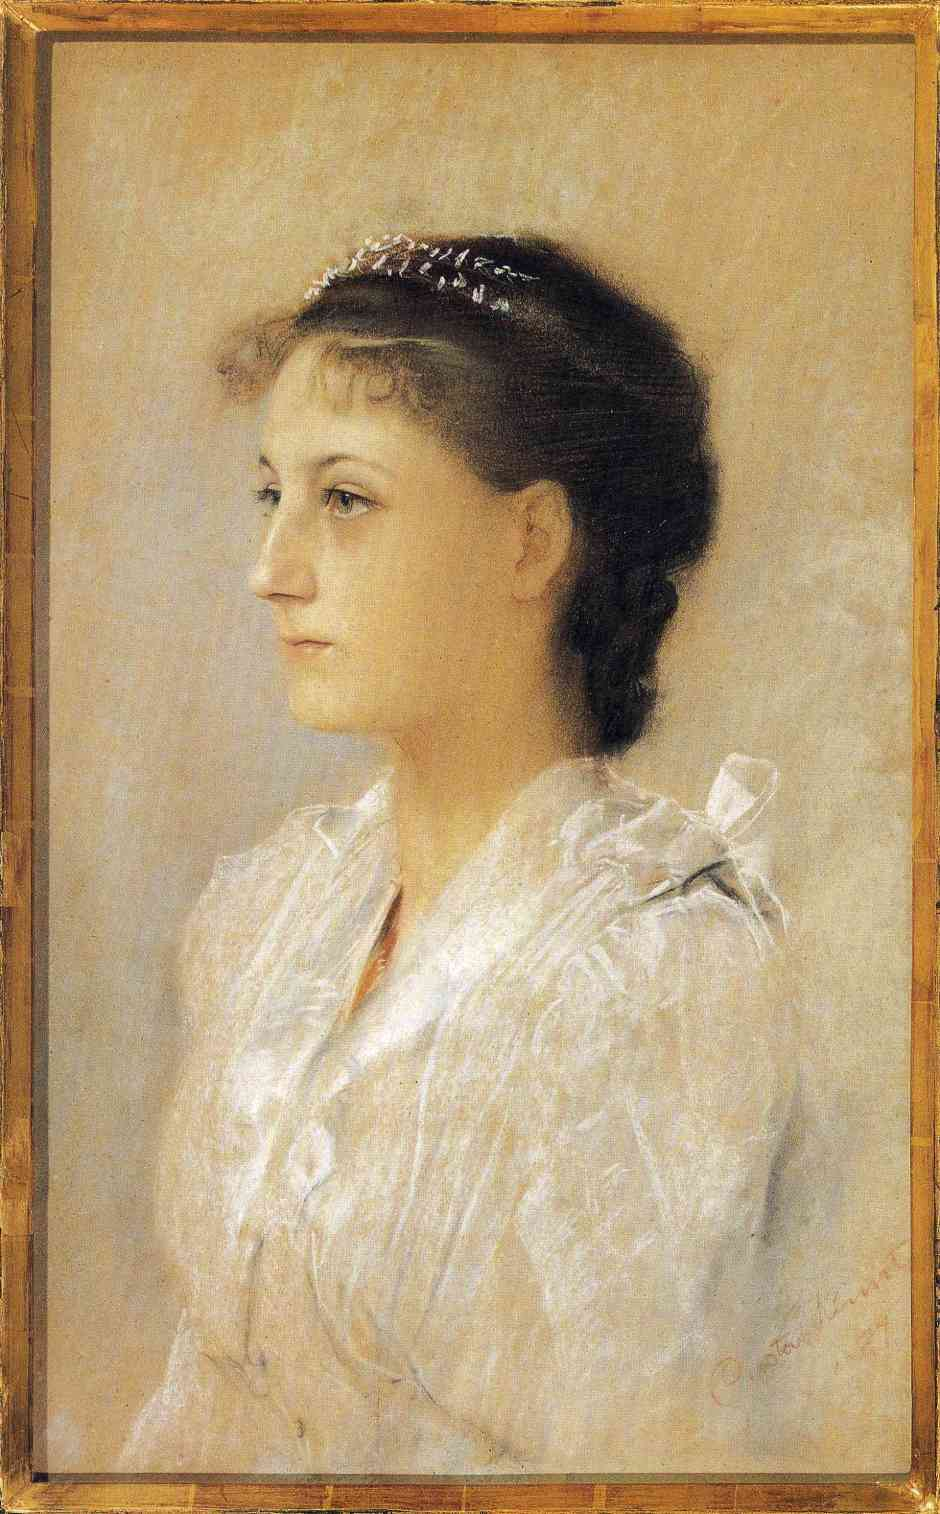 emilie-flöge-aged-17-1891